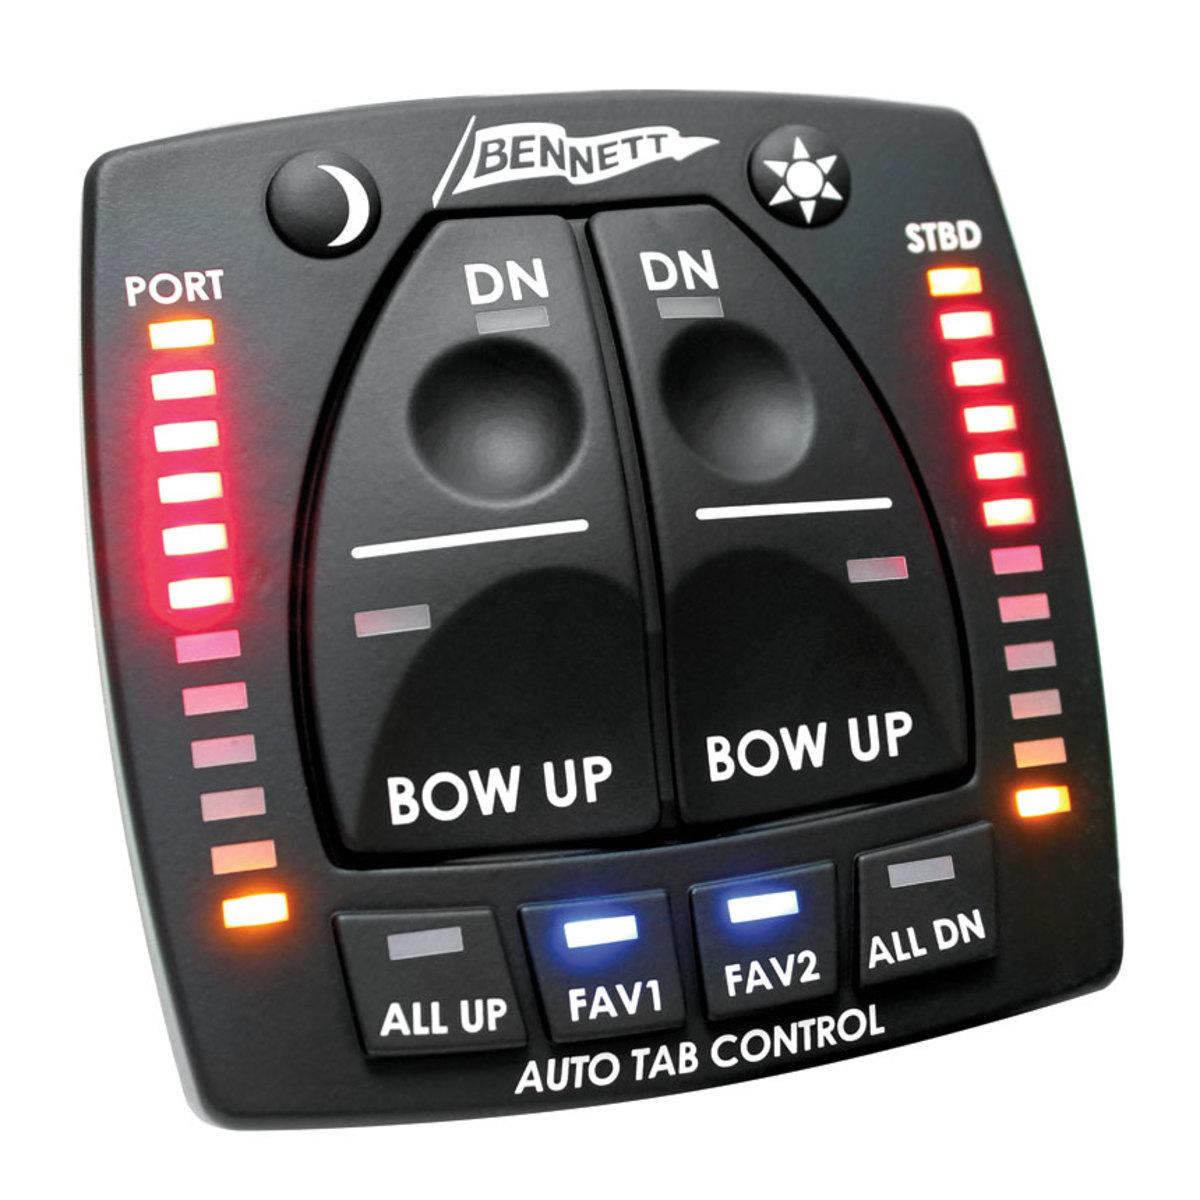 Bennett's AutoTrim Pro has built-in position indicators.